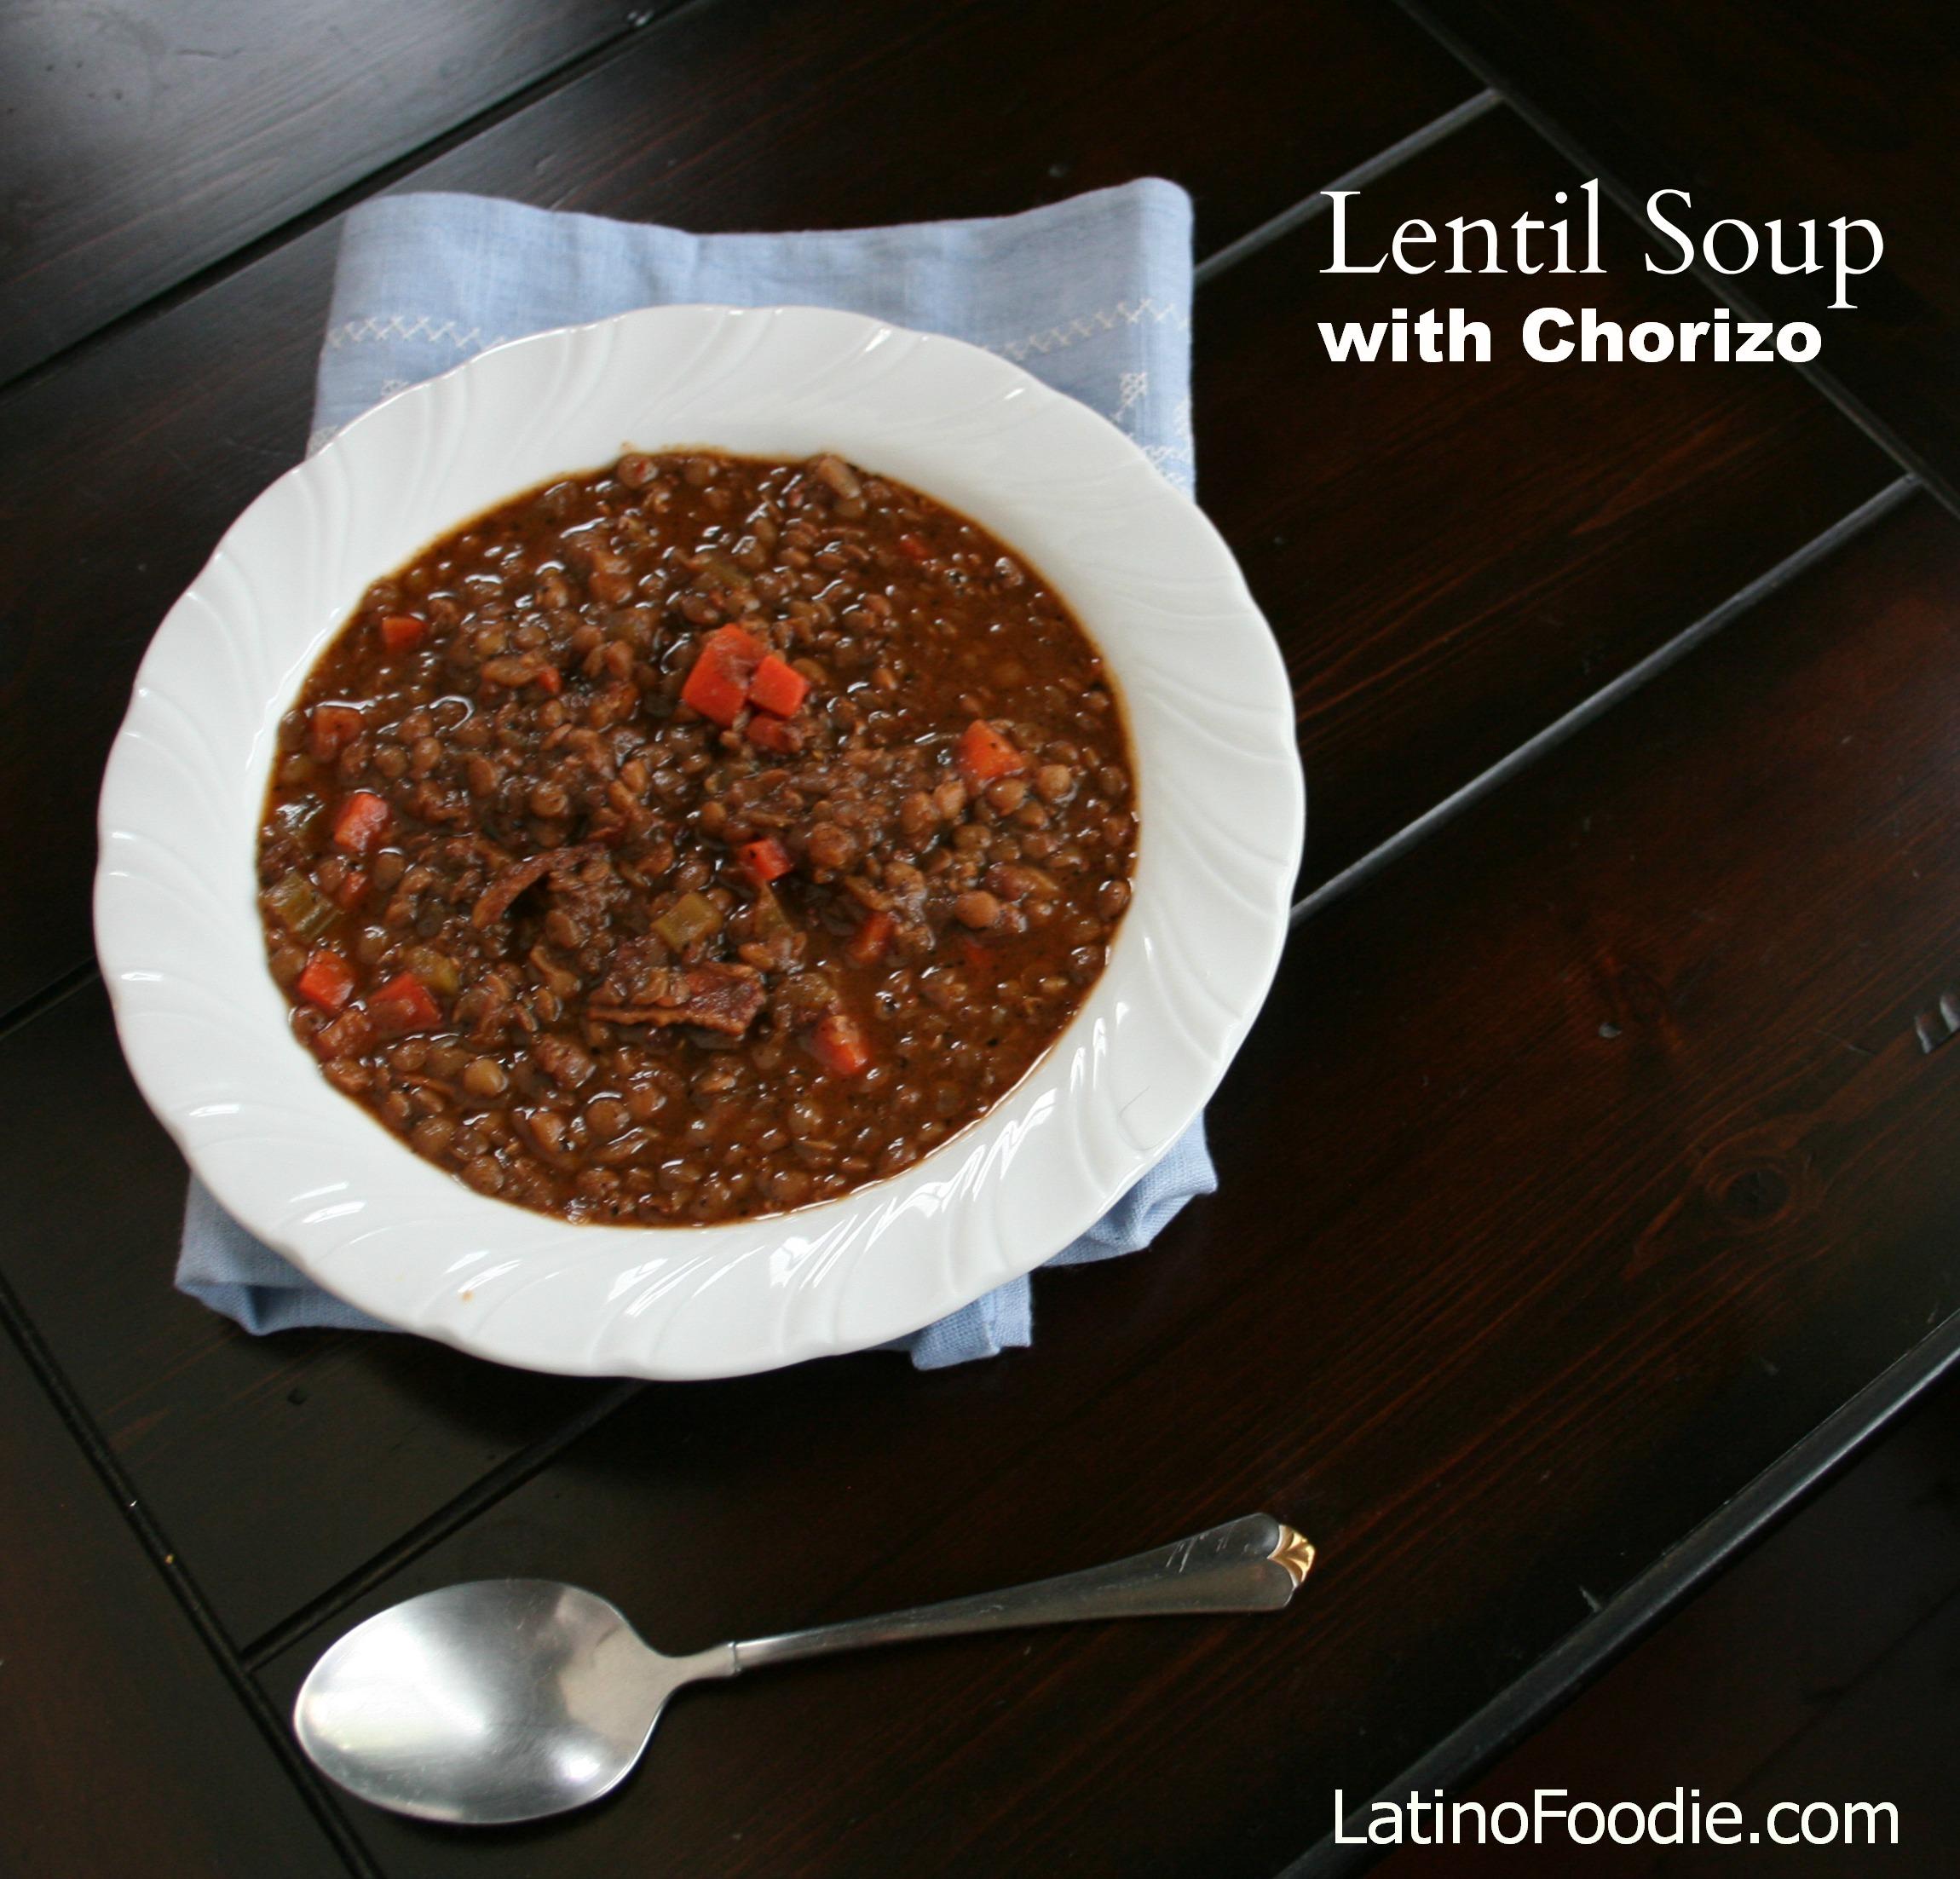 Lentil soup with chorizoFINAL